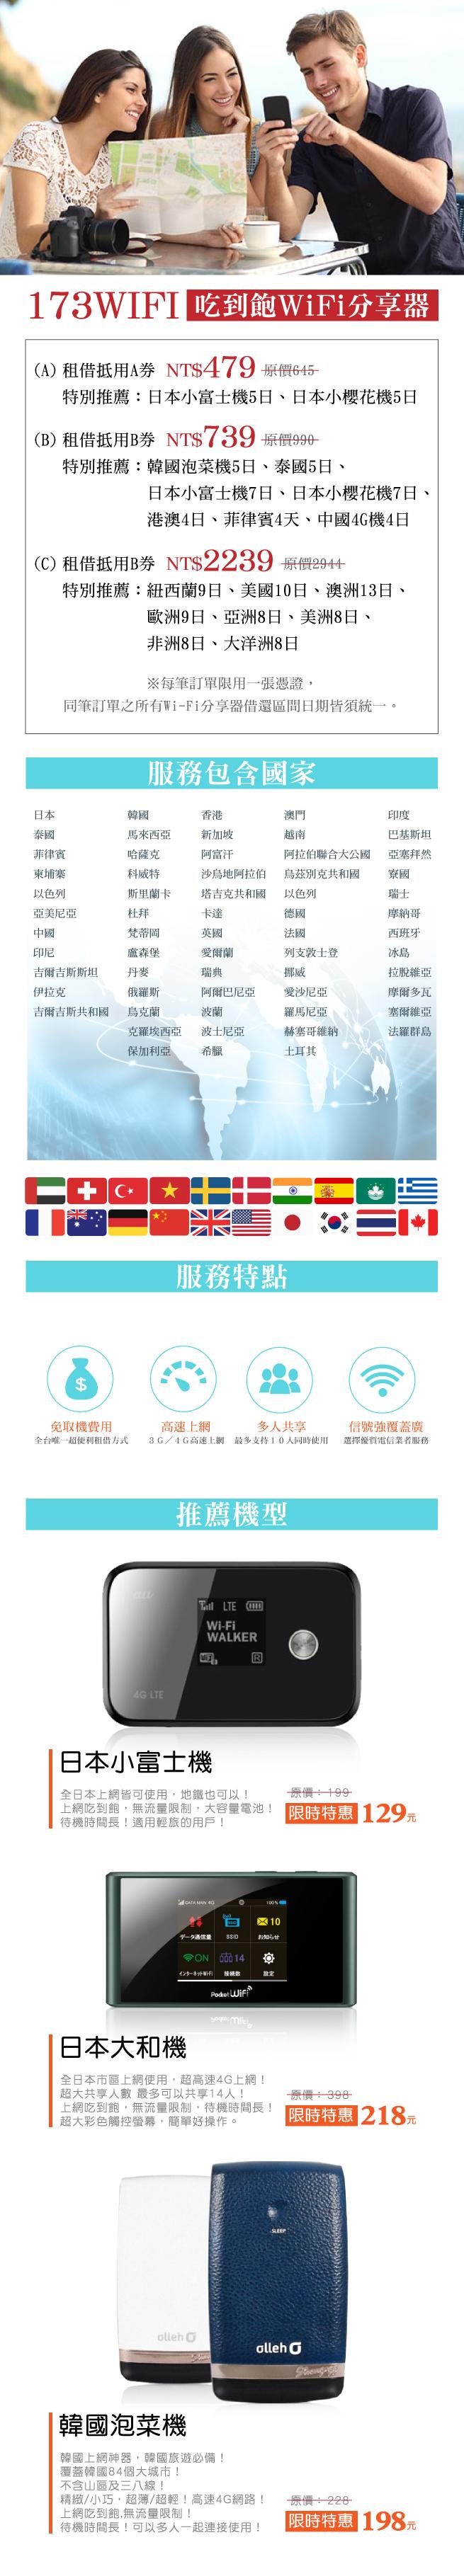 173WIFI/旅遊/出國/wifi/上網/吃到飽/日本/韓國/歐洲/法國/義大利/美國/澳洲/香港/大陸/泰國/峇里島/長灘島/國外旅行/自由行/英國